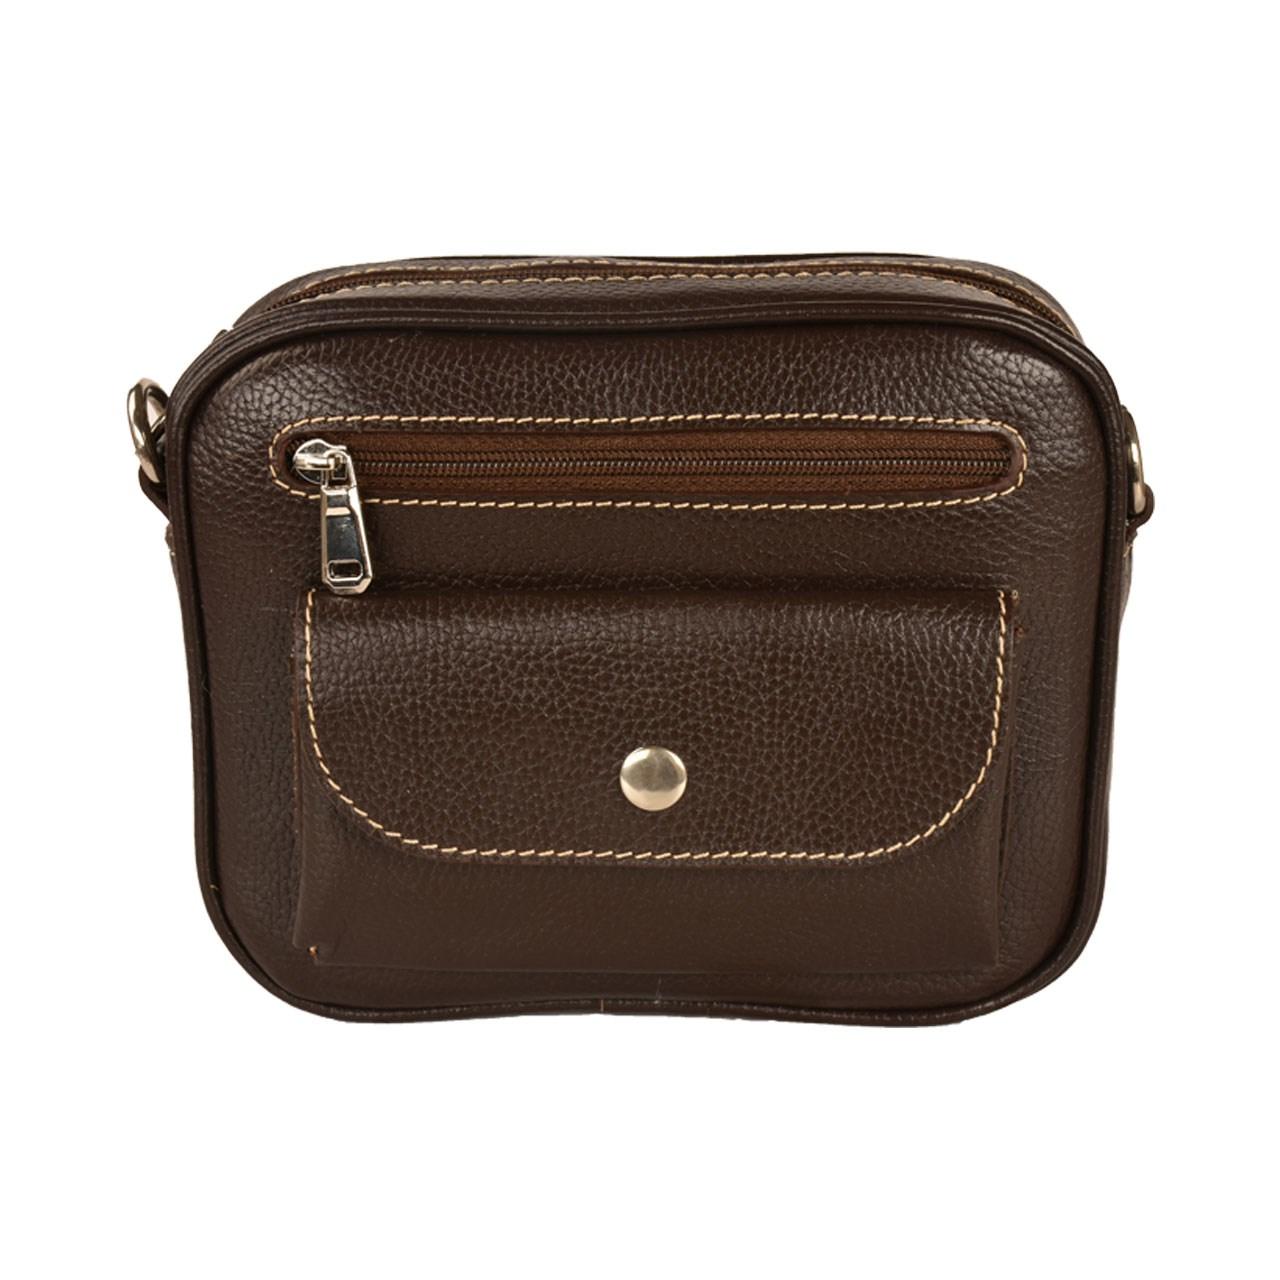 کیف دوشی چرم طبیعی کهن چرم مدل DB70-15